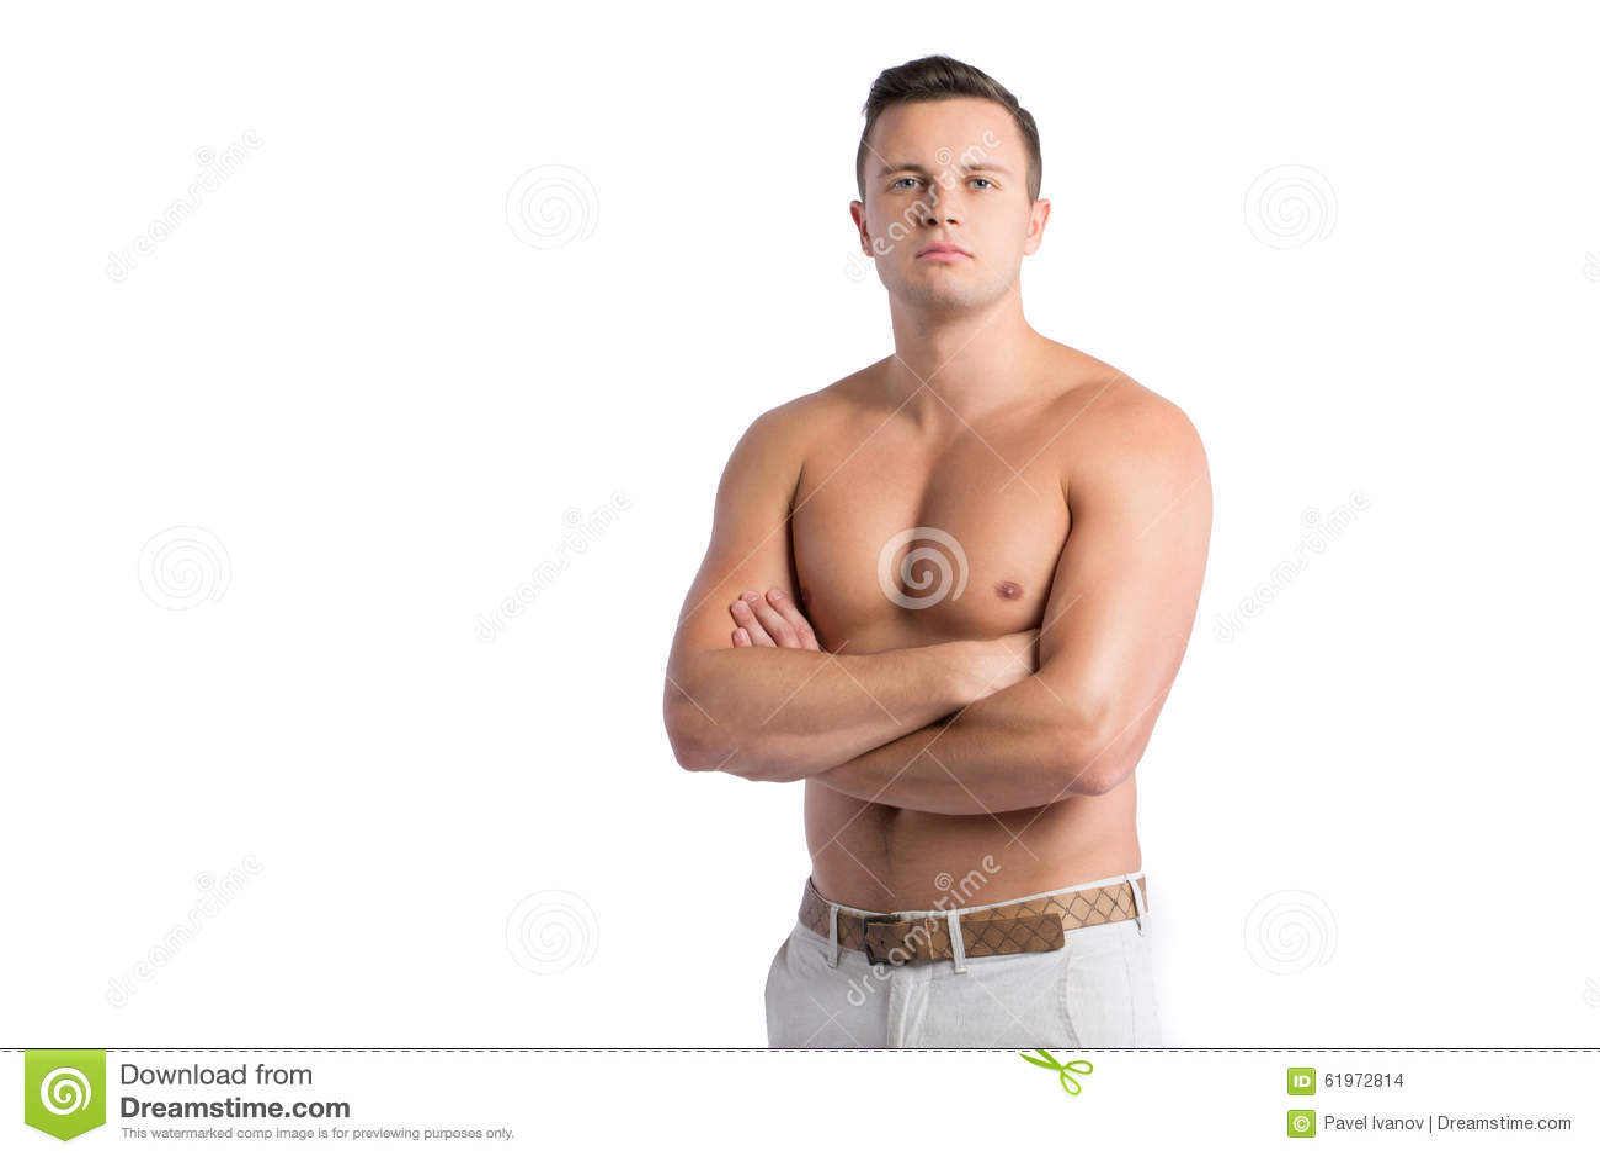 Hommes musclés, Gay en muscle et Porno entre hommes